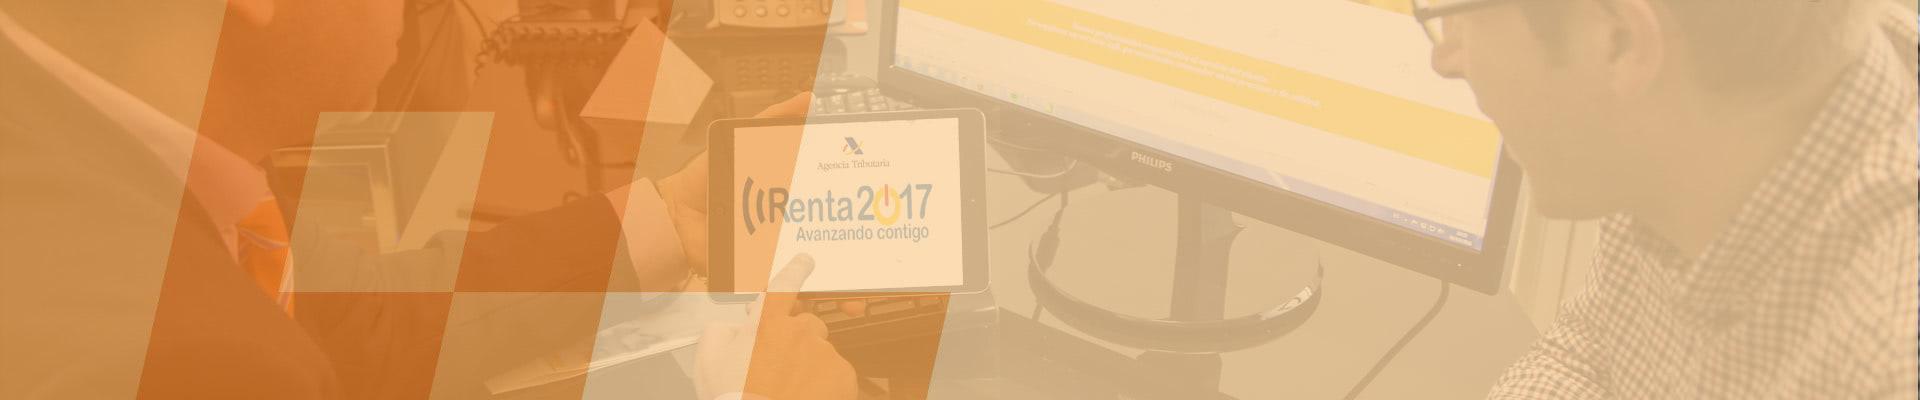 Renta 2017 Joares®